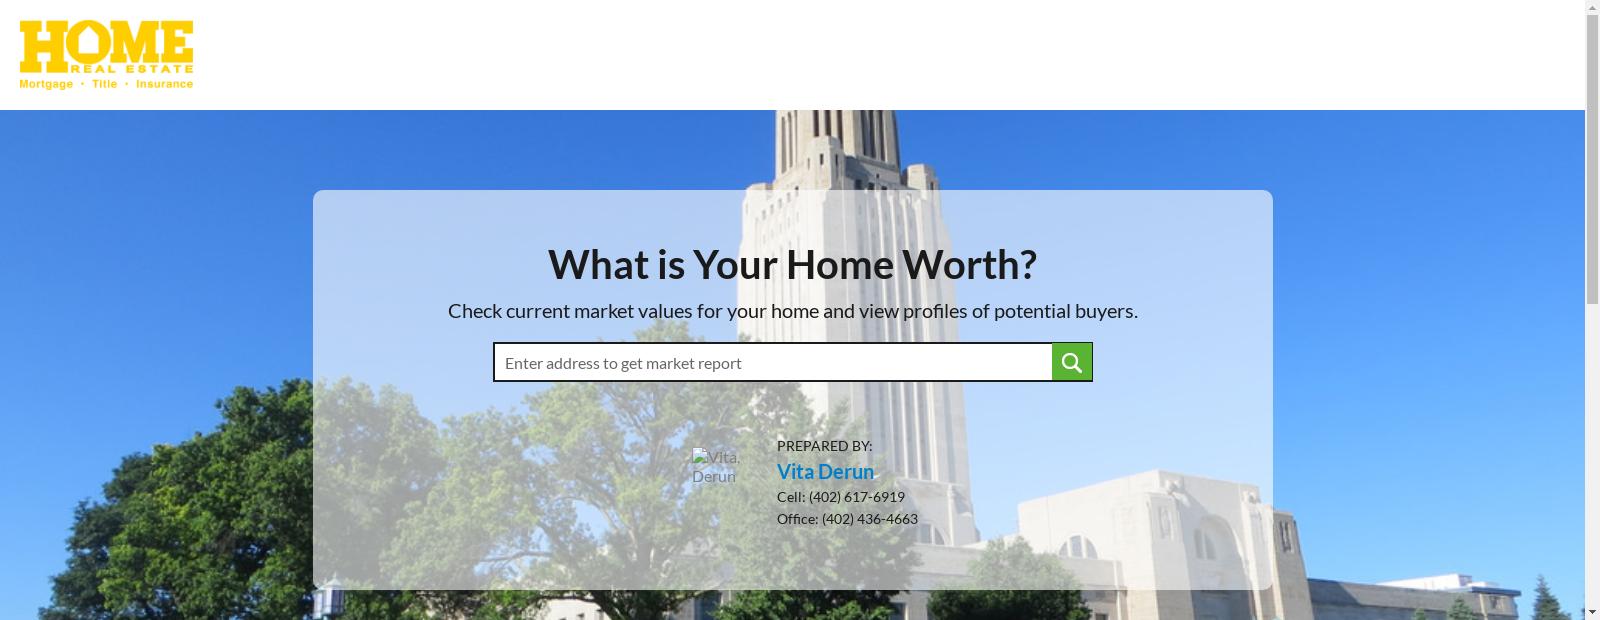 Home Value Estimator By Vita Derun Home Values Real Estate